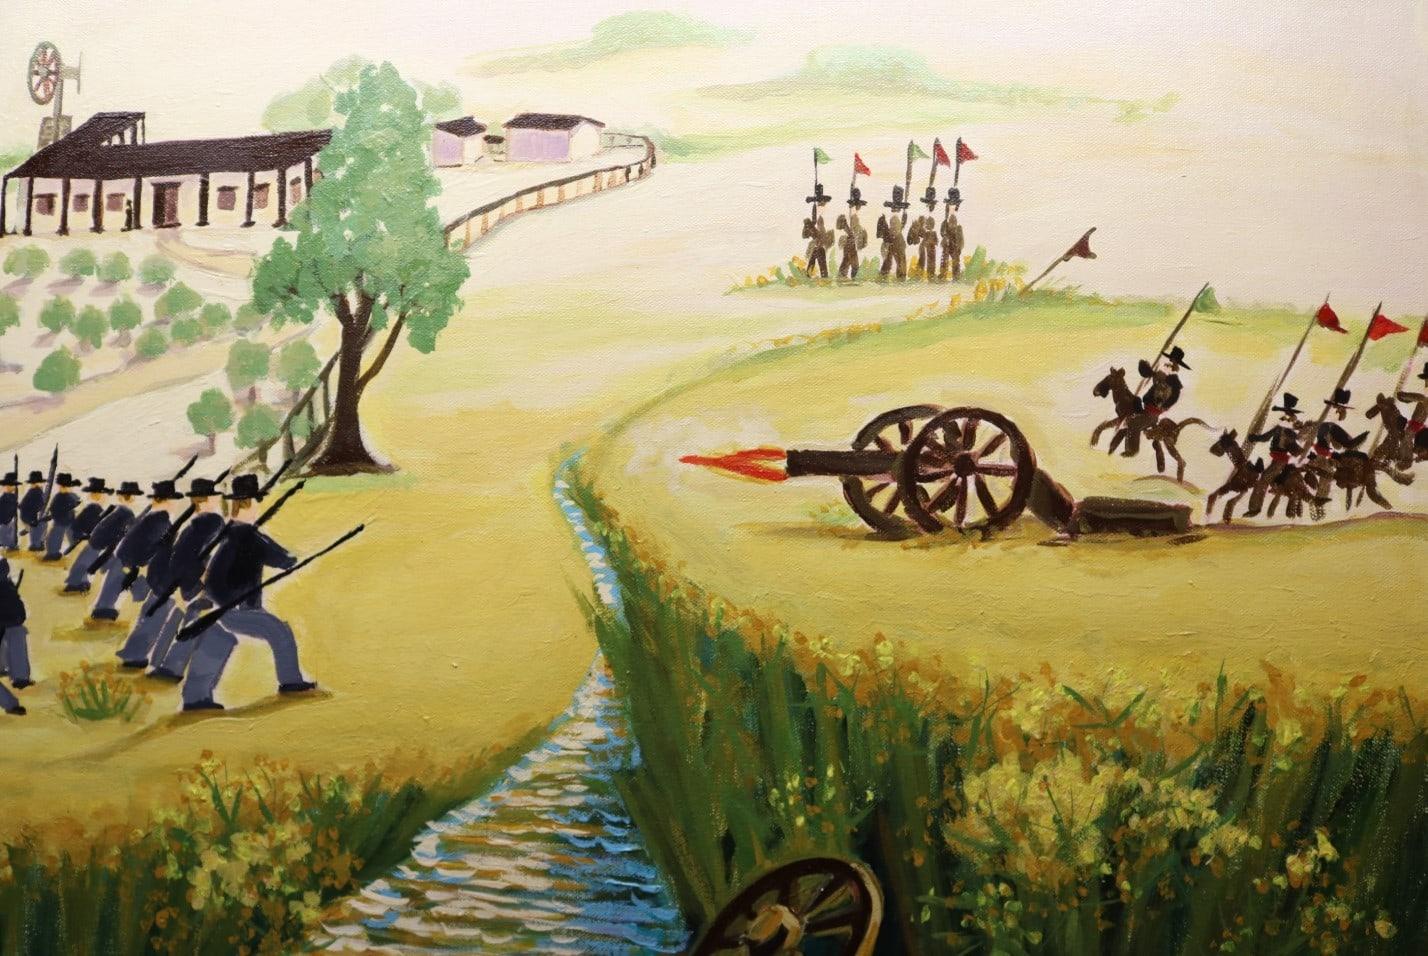 The Battle of Dominguez